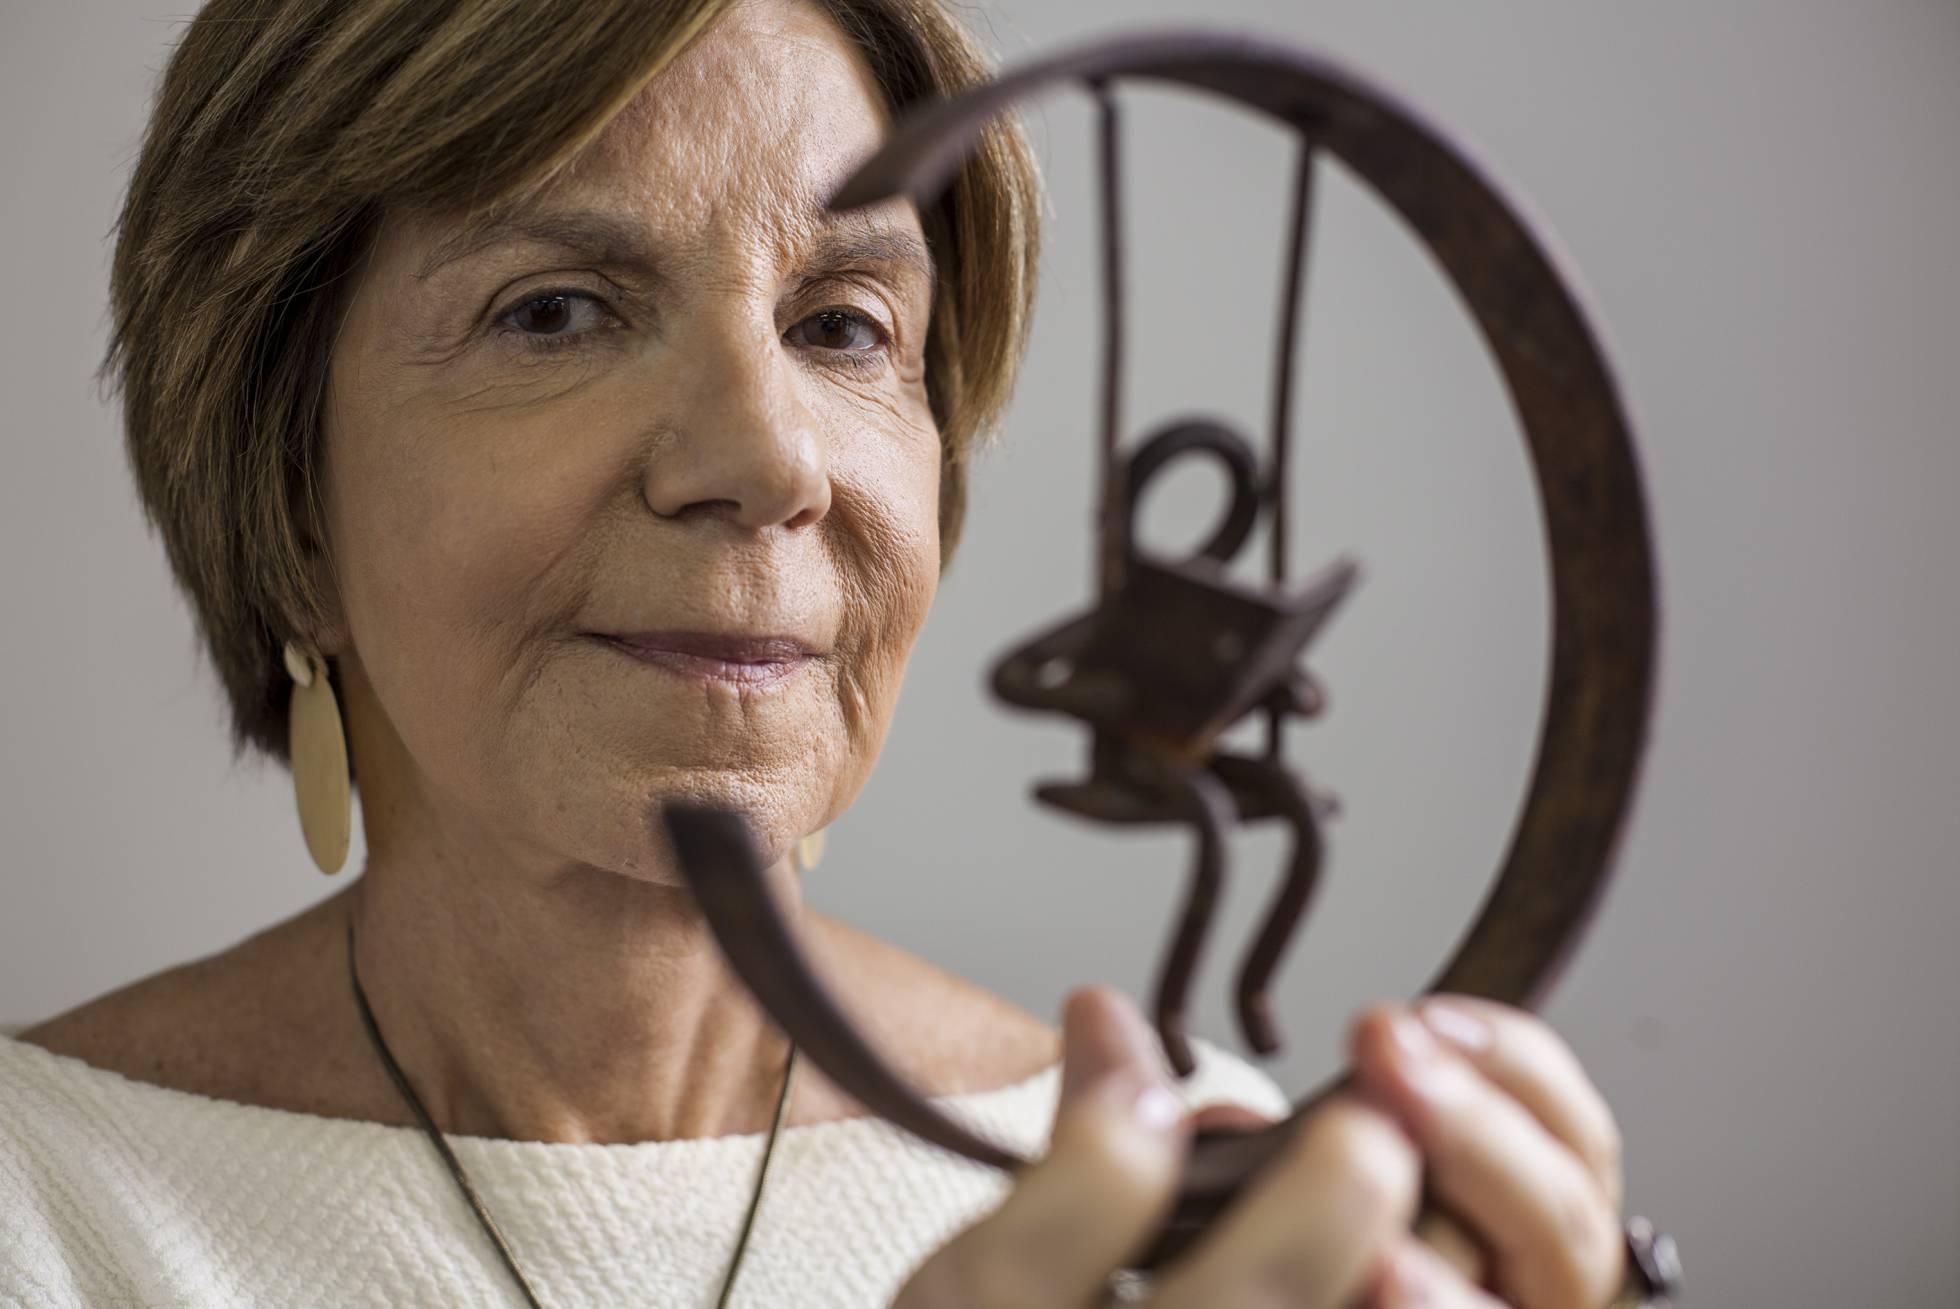 """El País: """"Plano de reforma de ensino pode aumentar desigualdades. Apresentá-lo por MP é grave"""""""